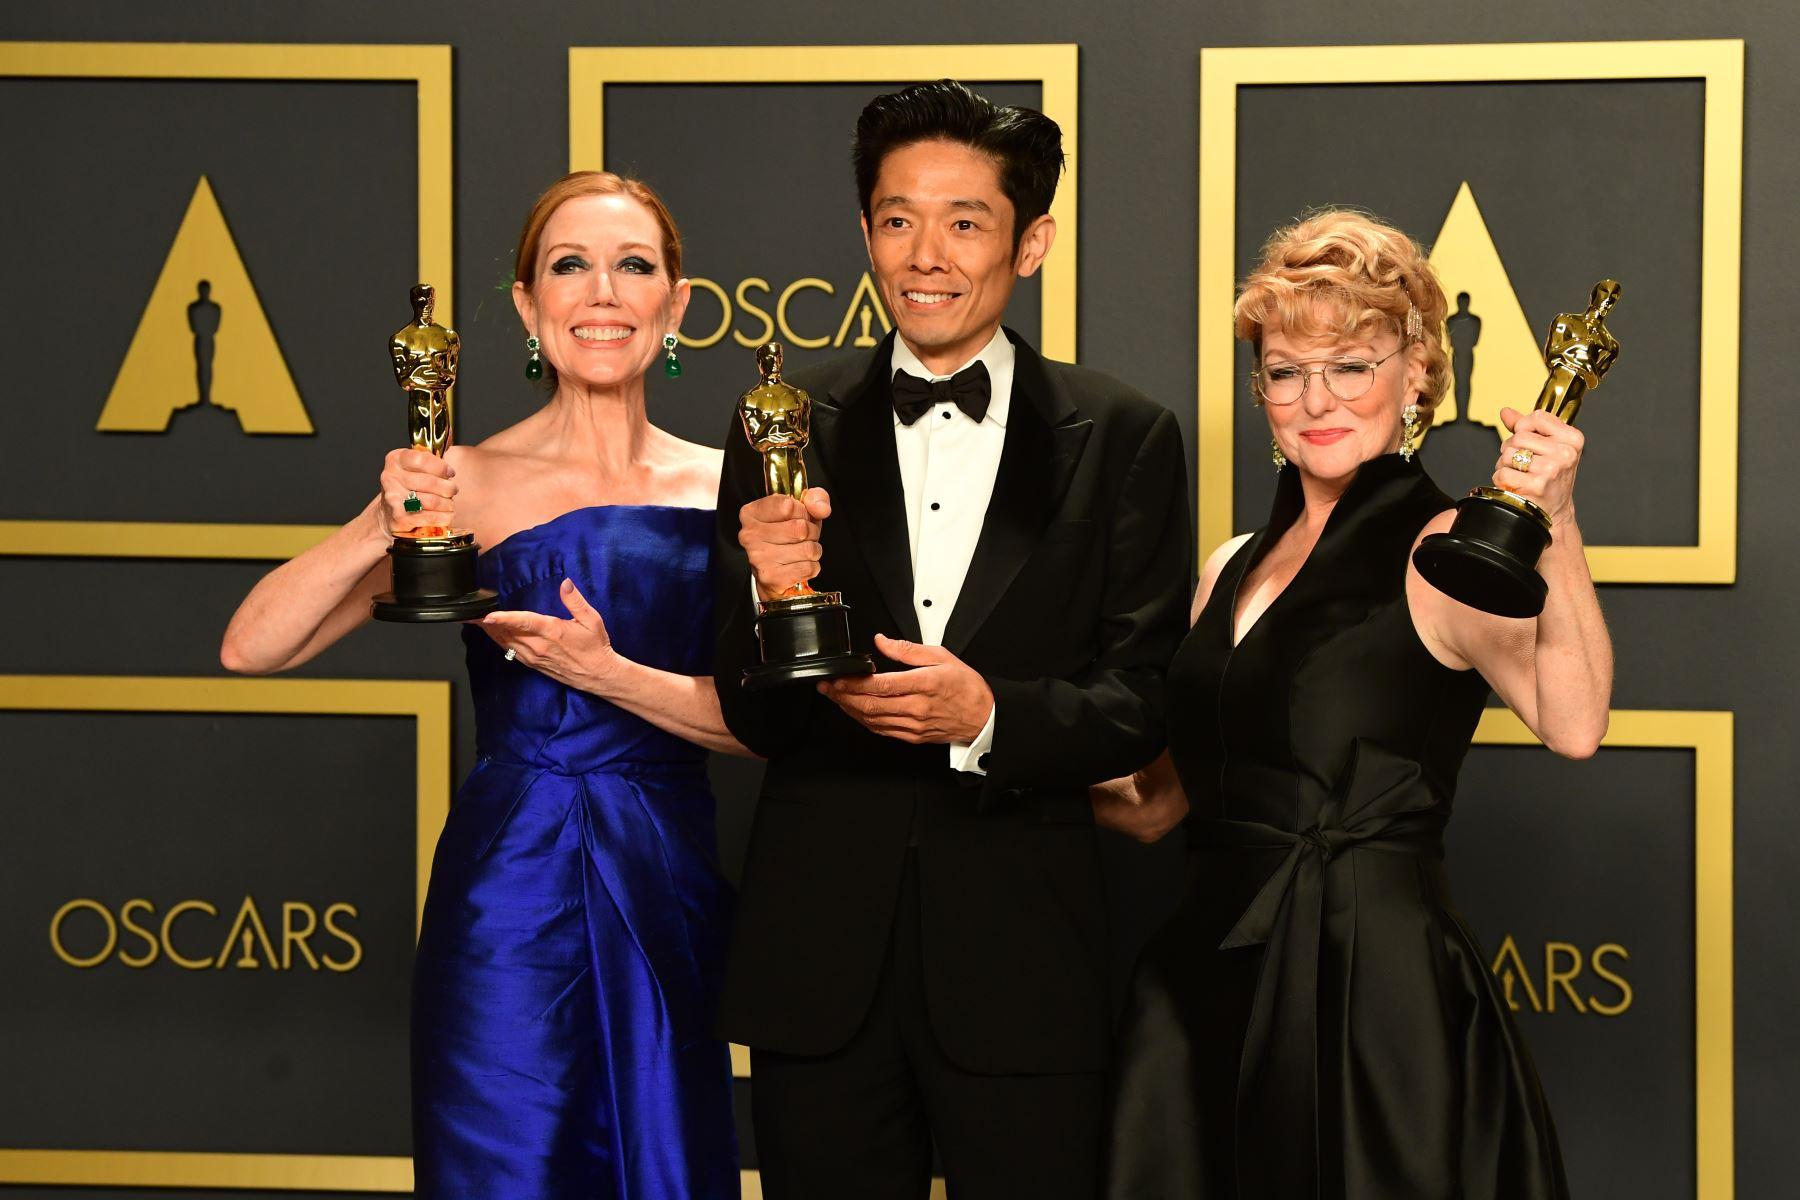 """La maquilladora japonesa-estadounidense Kazu Hiro (C), la estilista estadounidense Anne Morgan (L) y la maquilladora estadounidense Vivian Baker posan en la sala de prensa con el Oscar al mejor maquillaje y peinado por """"Bombshell"""" durante los 92o Oscar en el Dolby Theatre en Hollywood, California. Foto: AFP"""